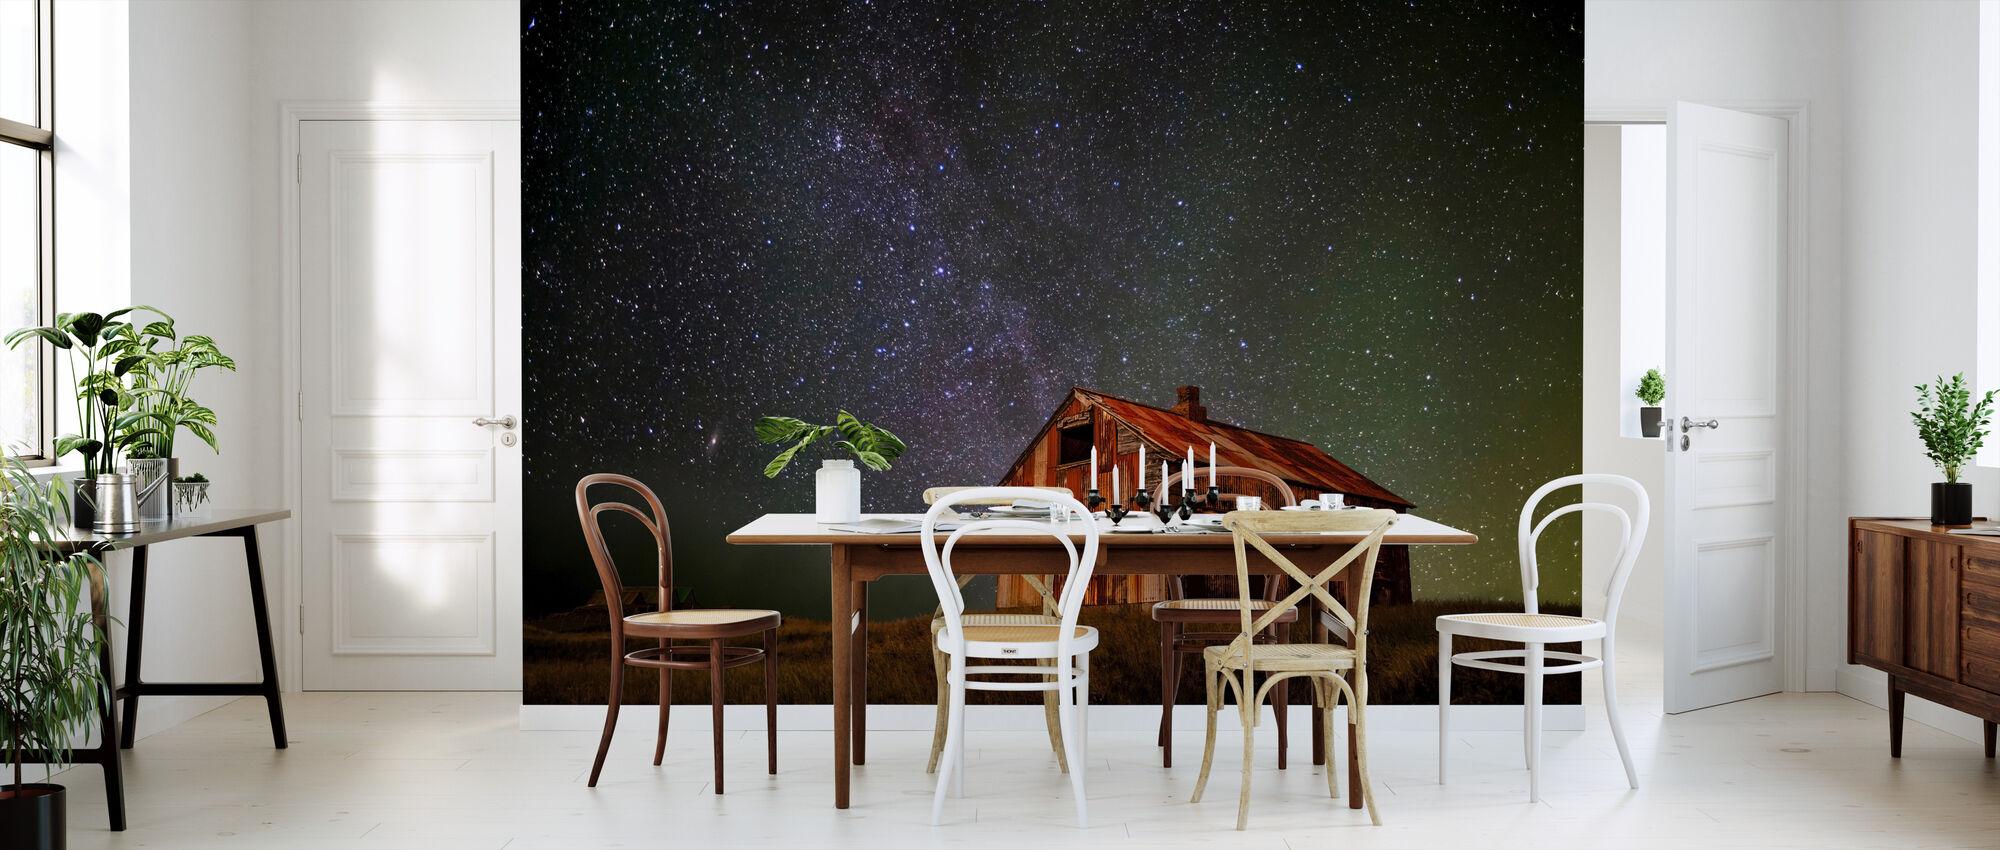 Space hus - Tapet - Kjøkken